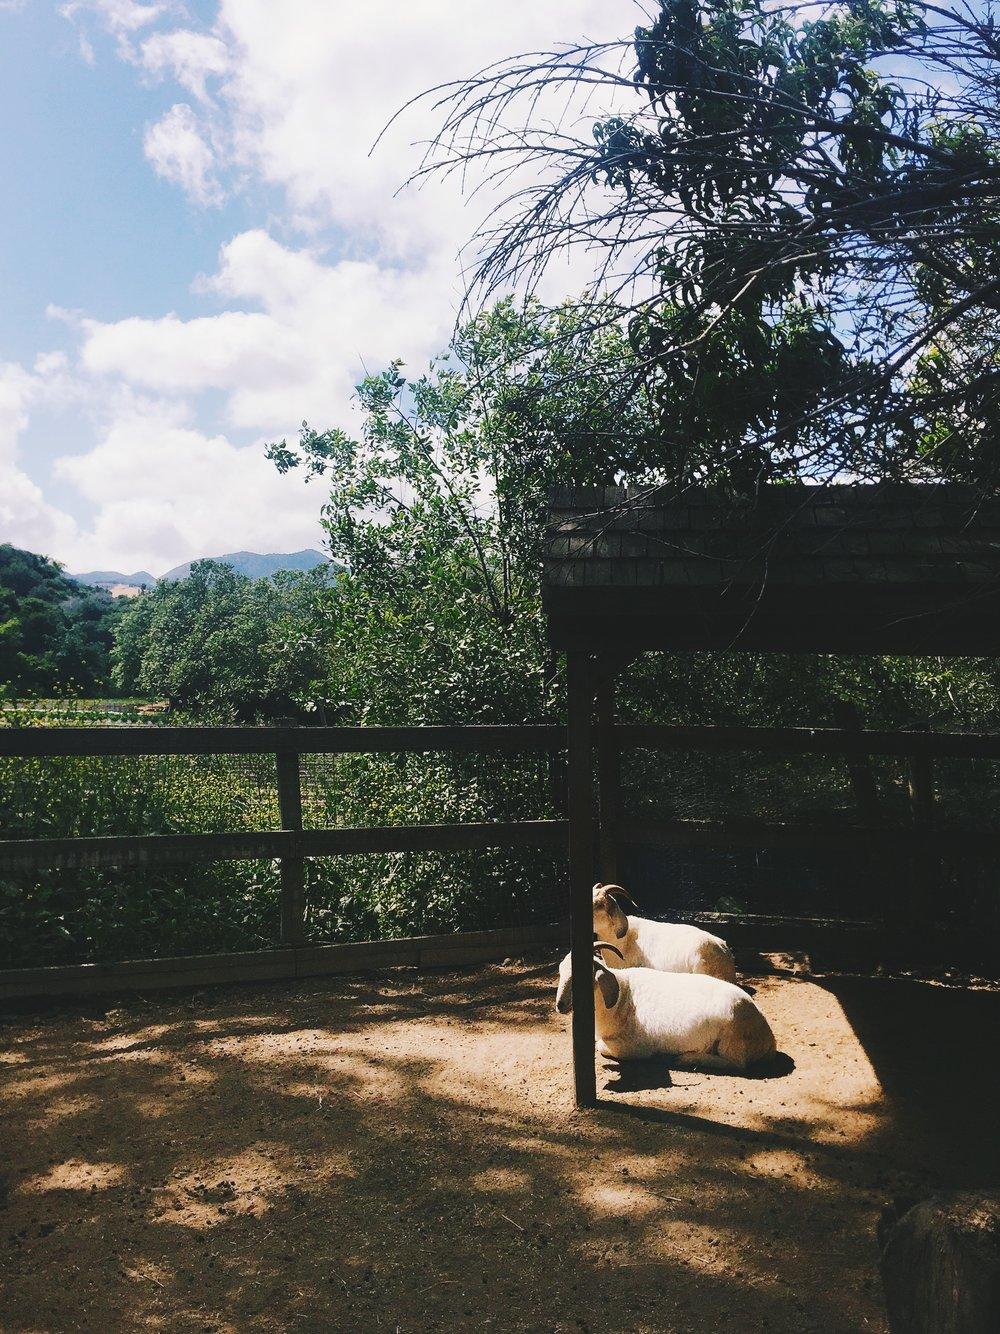 Avila Valley Barn. california road trip